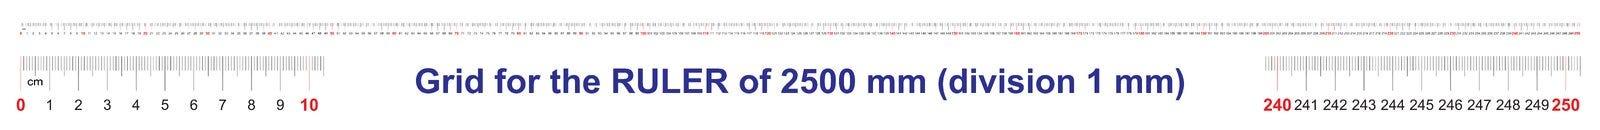 Grille pour une règle de 2500 millimètres, 250 centimètres, 2,5 mètres Grille de calibrage Division de valeur 1 millimètre